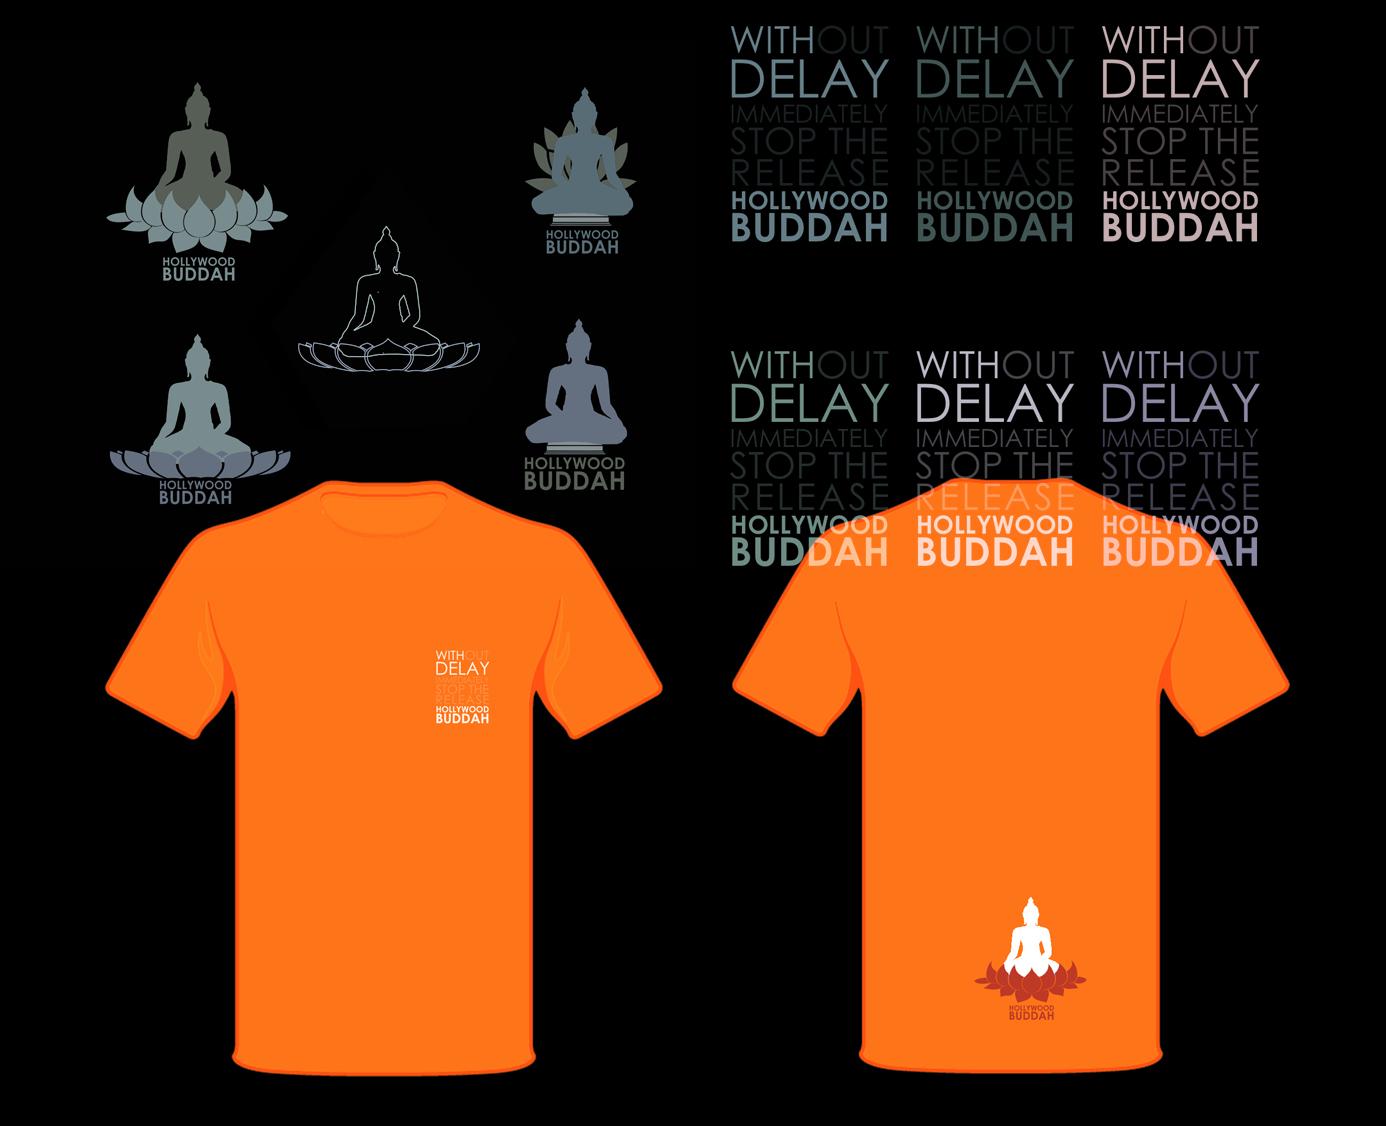 Hollywood Buddah Protest Shirt